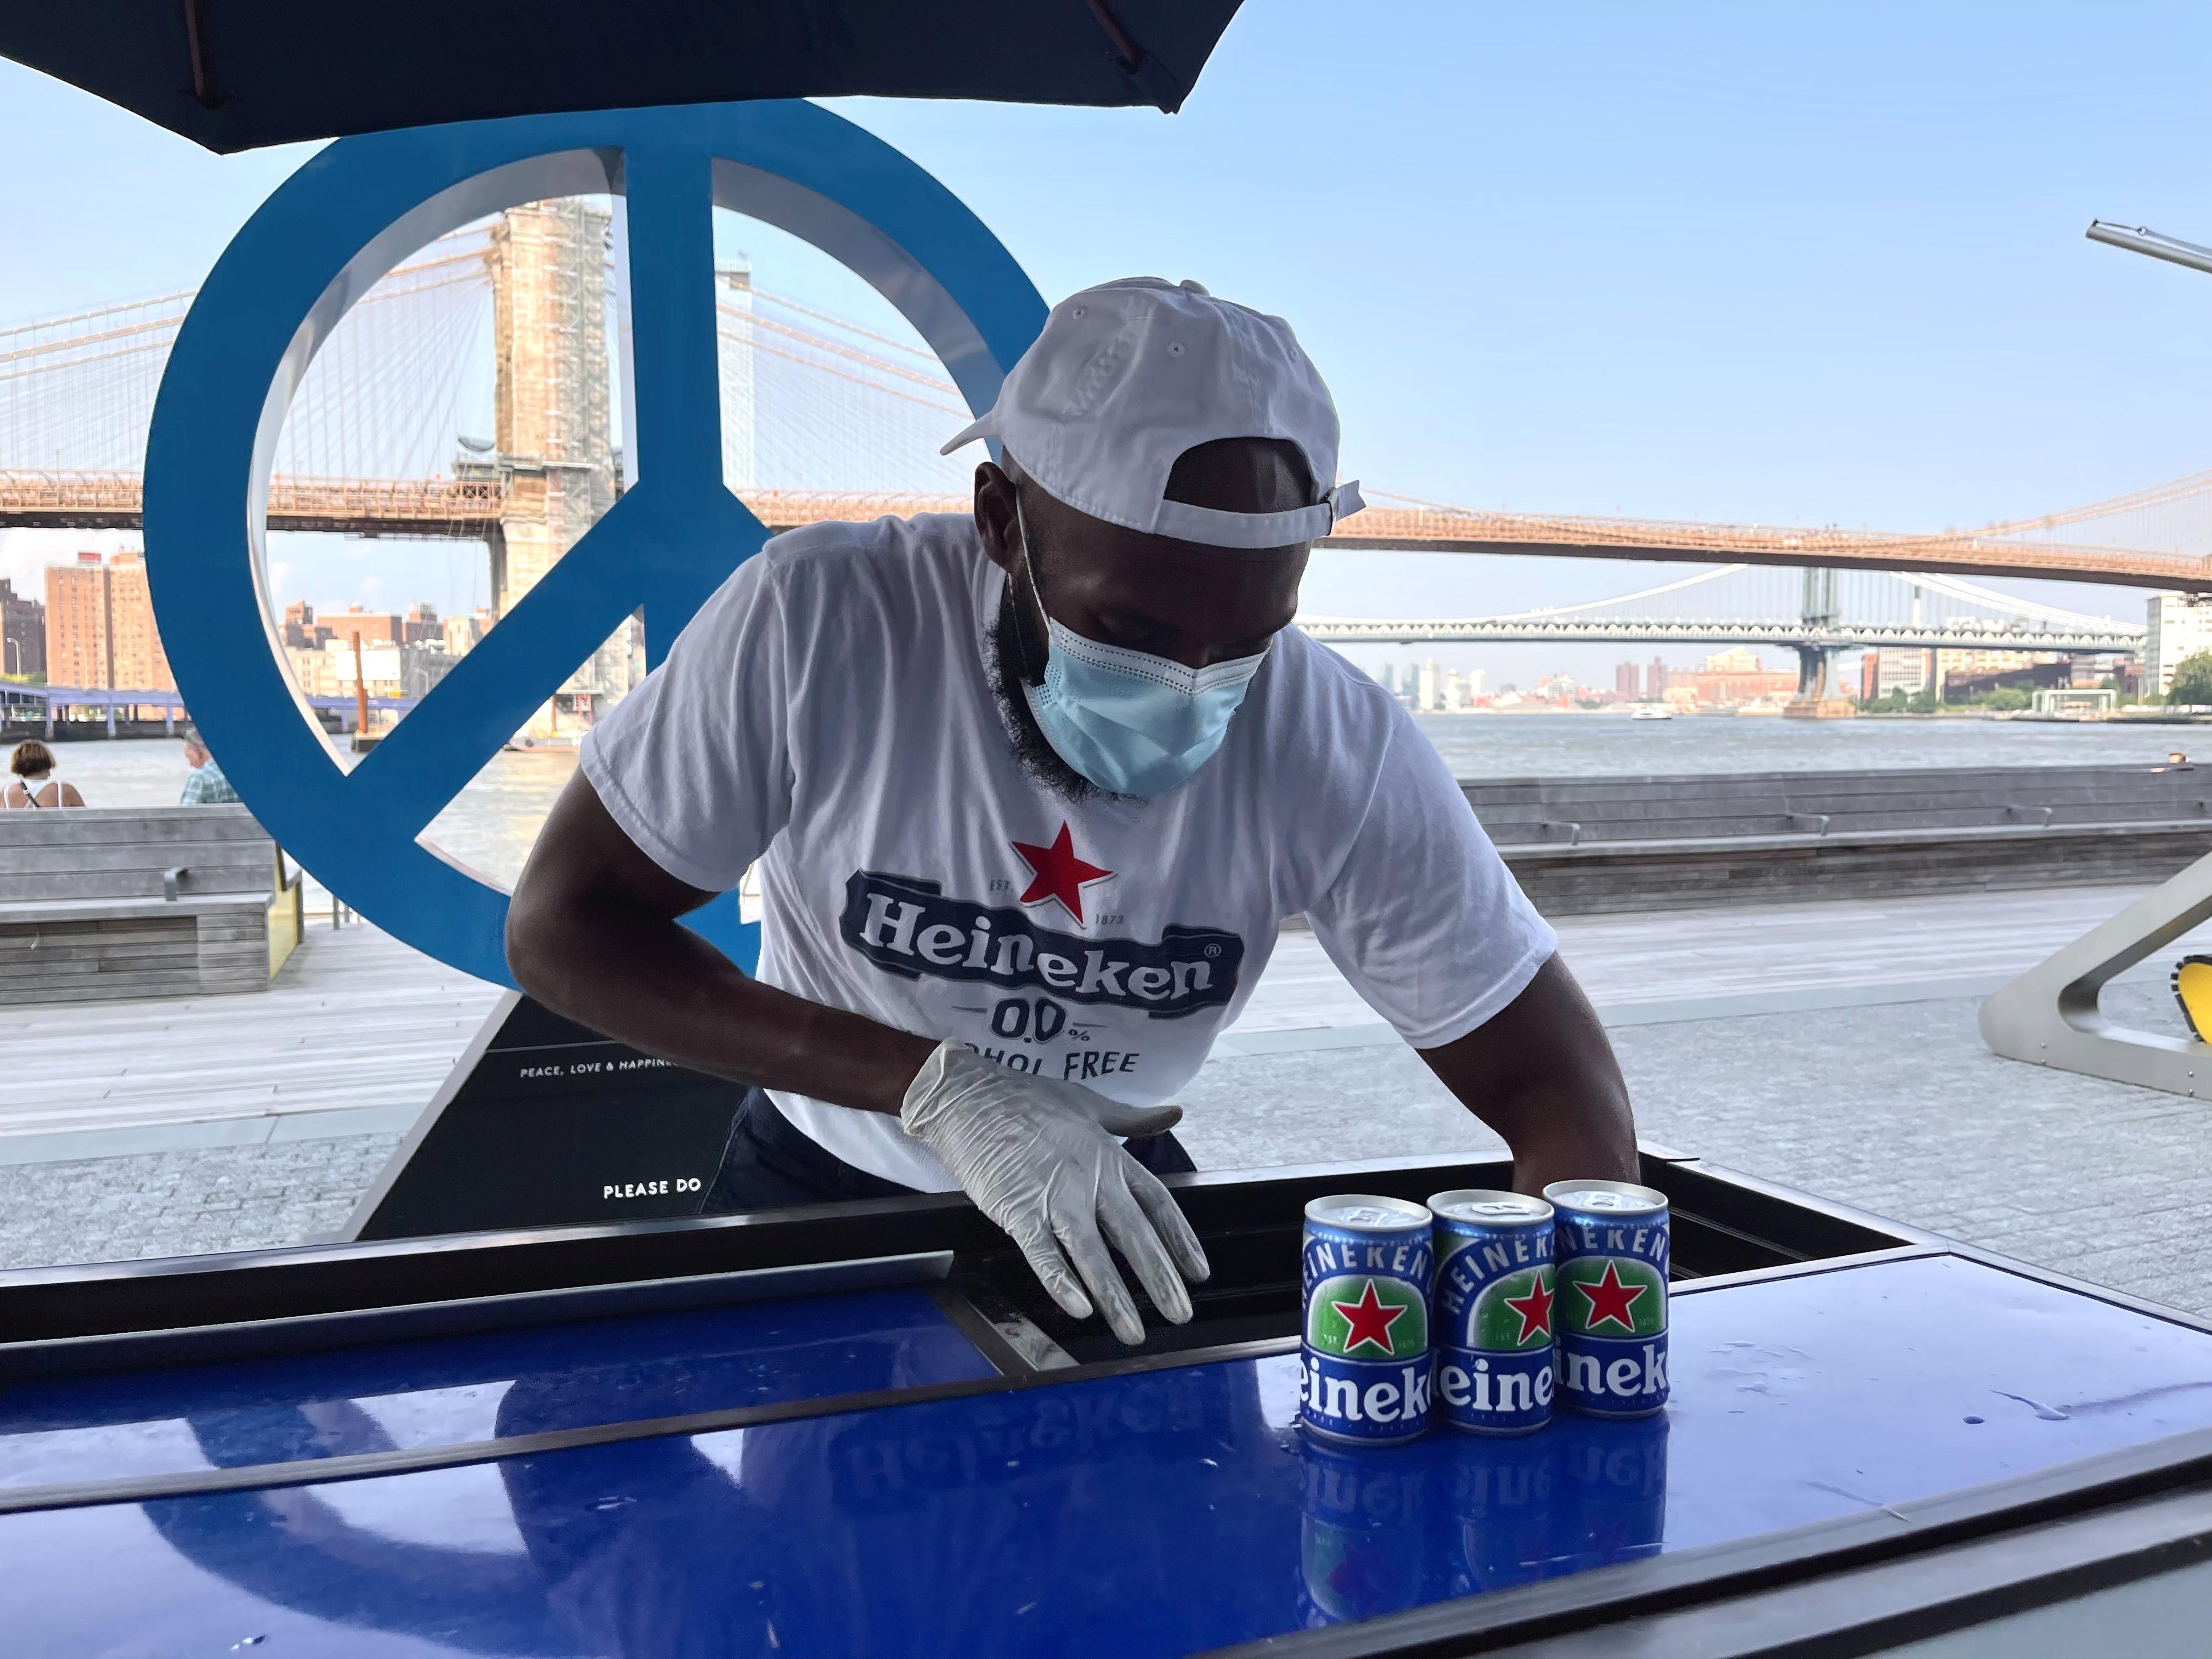 Банки безалкогольного пива Heineken можна побачити на заході проб на пристані 17 в районі морського порту міста Нью-Йорк, штат Нью-Йорк, США, 15 липня 2021 року. REUTERS / Джойс Філіпп